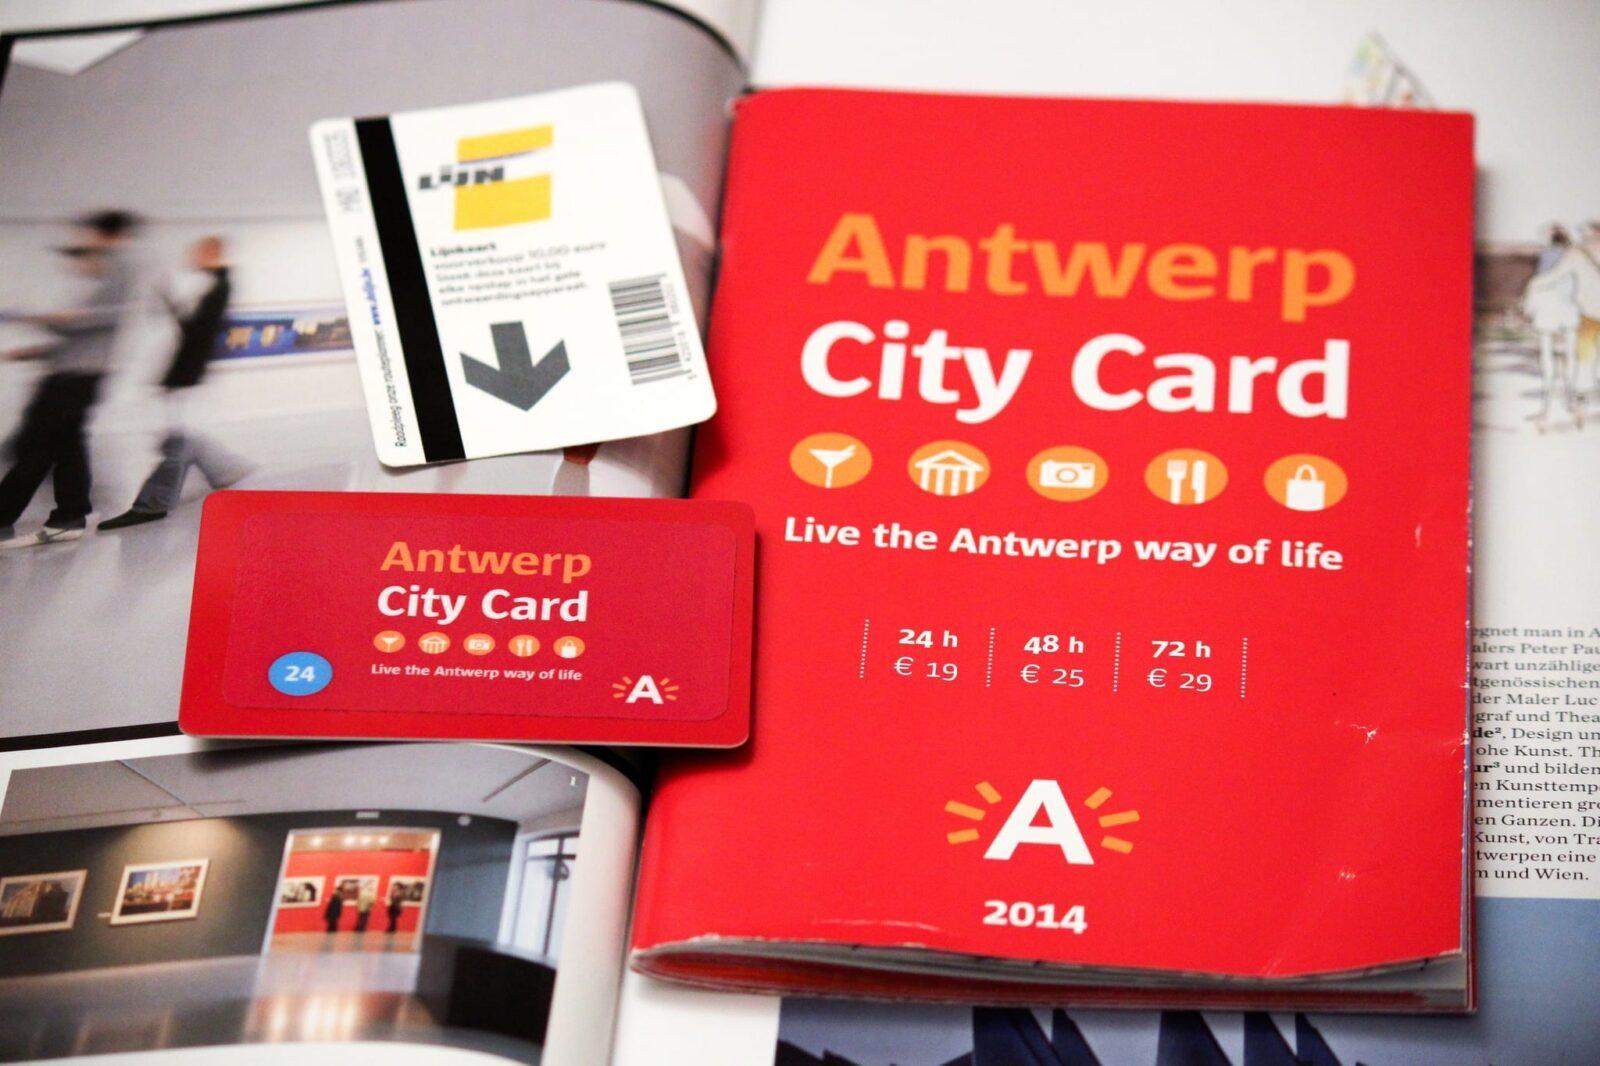 Antwerpen City Card